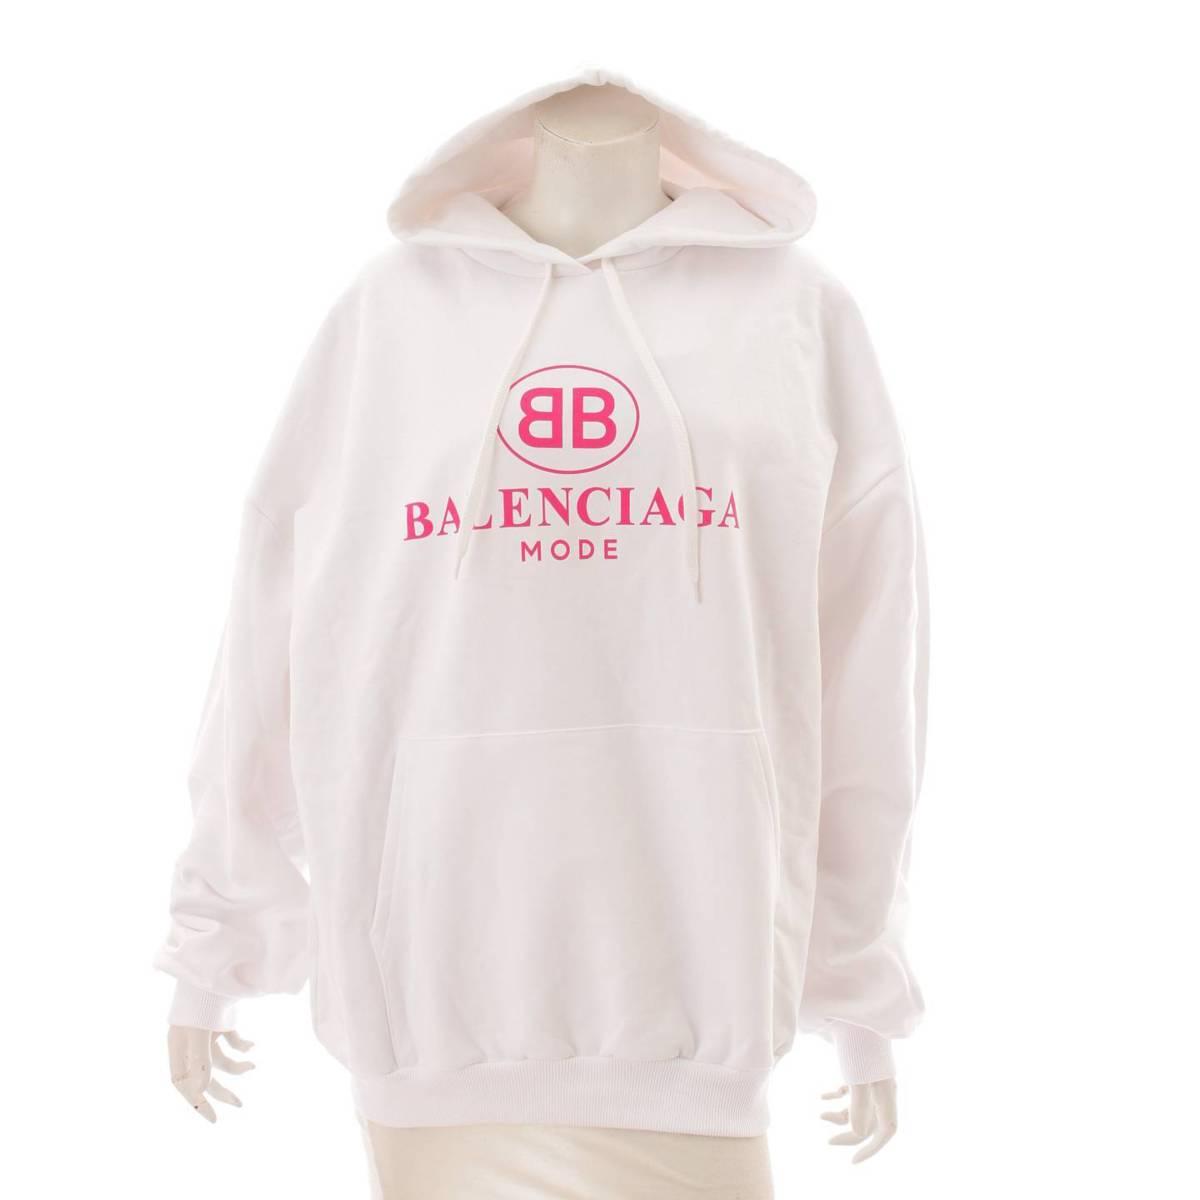 バレンシアガ 商店 Balenciaga ロゴパーカー フーディ 501656 TYKA5 予約 9601 鑑定済 113083 XS 正規品保証 中古 ホワイト